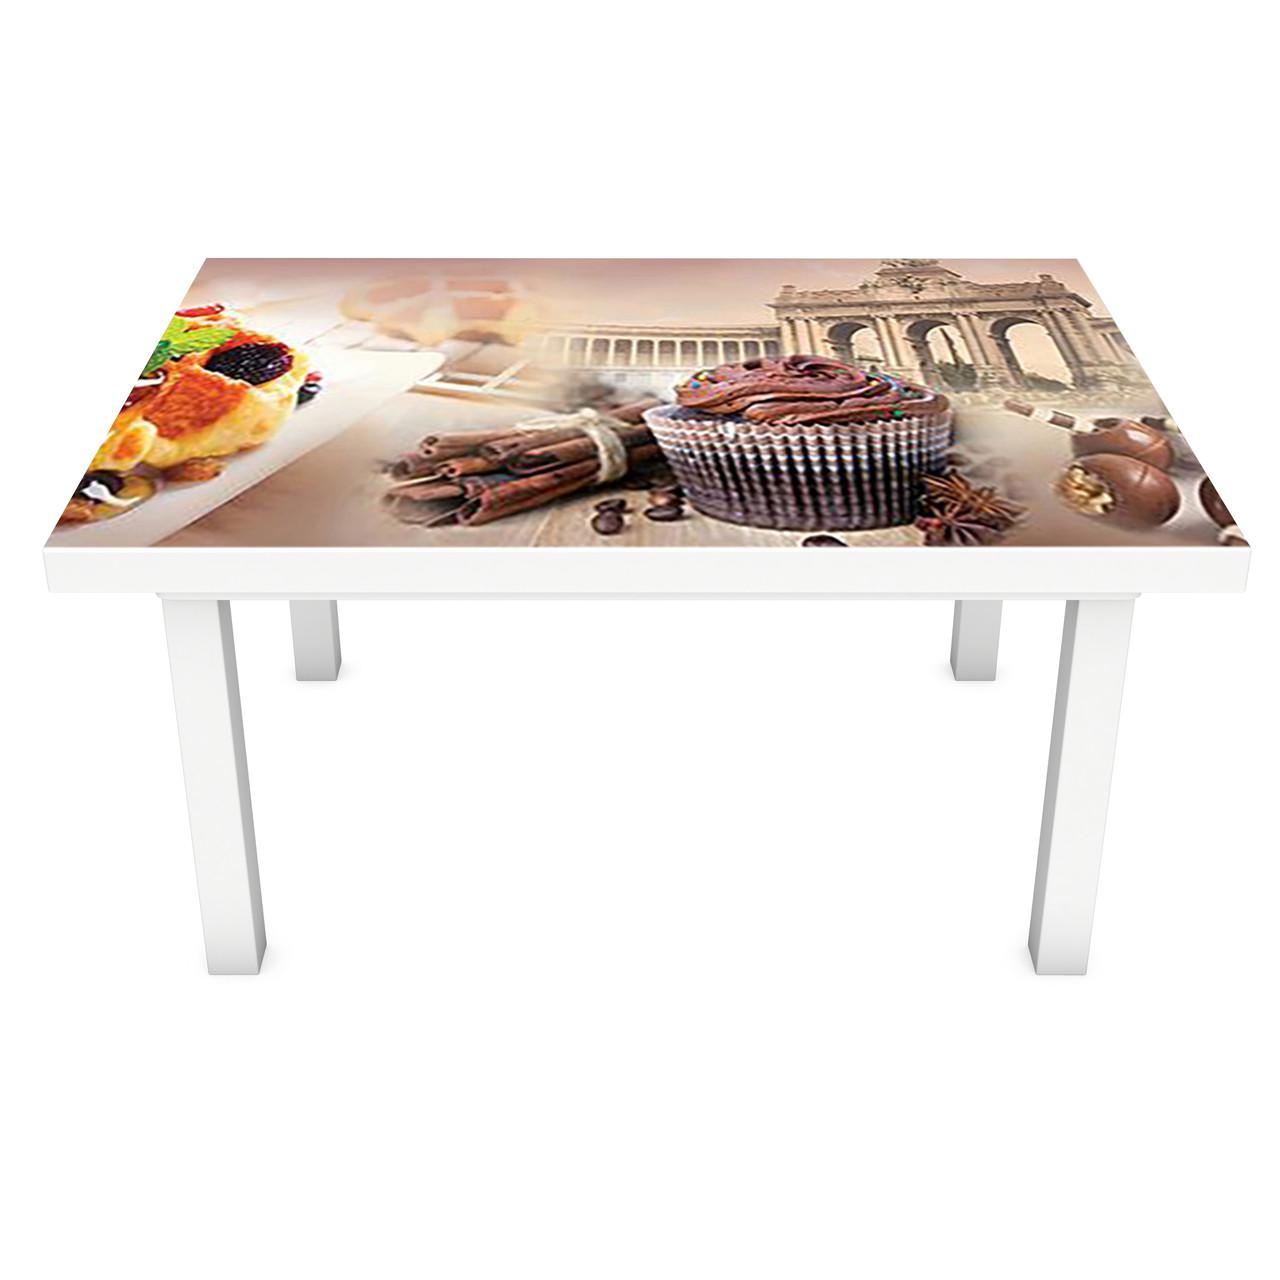 Виниловая наклейка на стол Классические Сладости интерьерная ПВХ пленка для мебели город шоколад фрукты